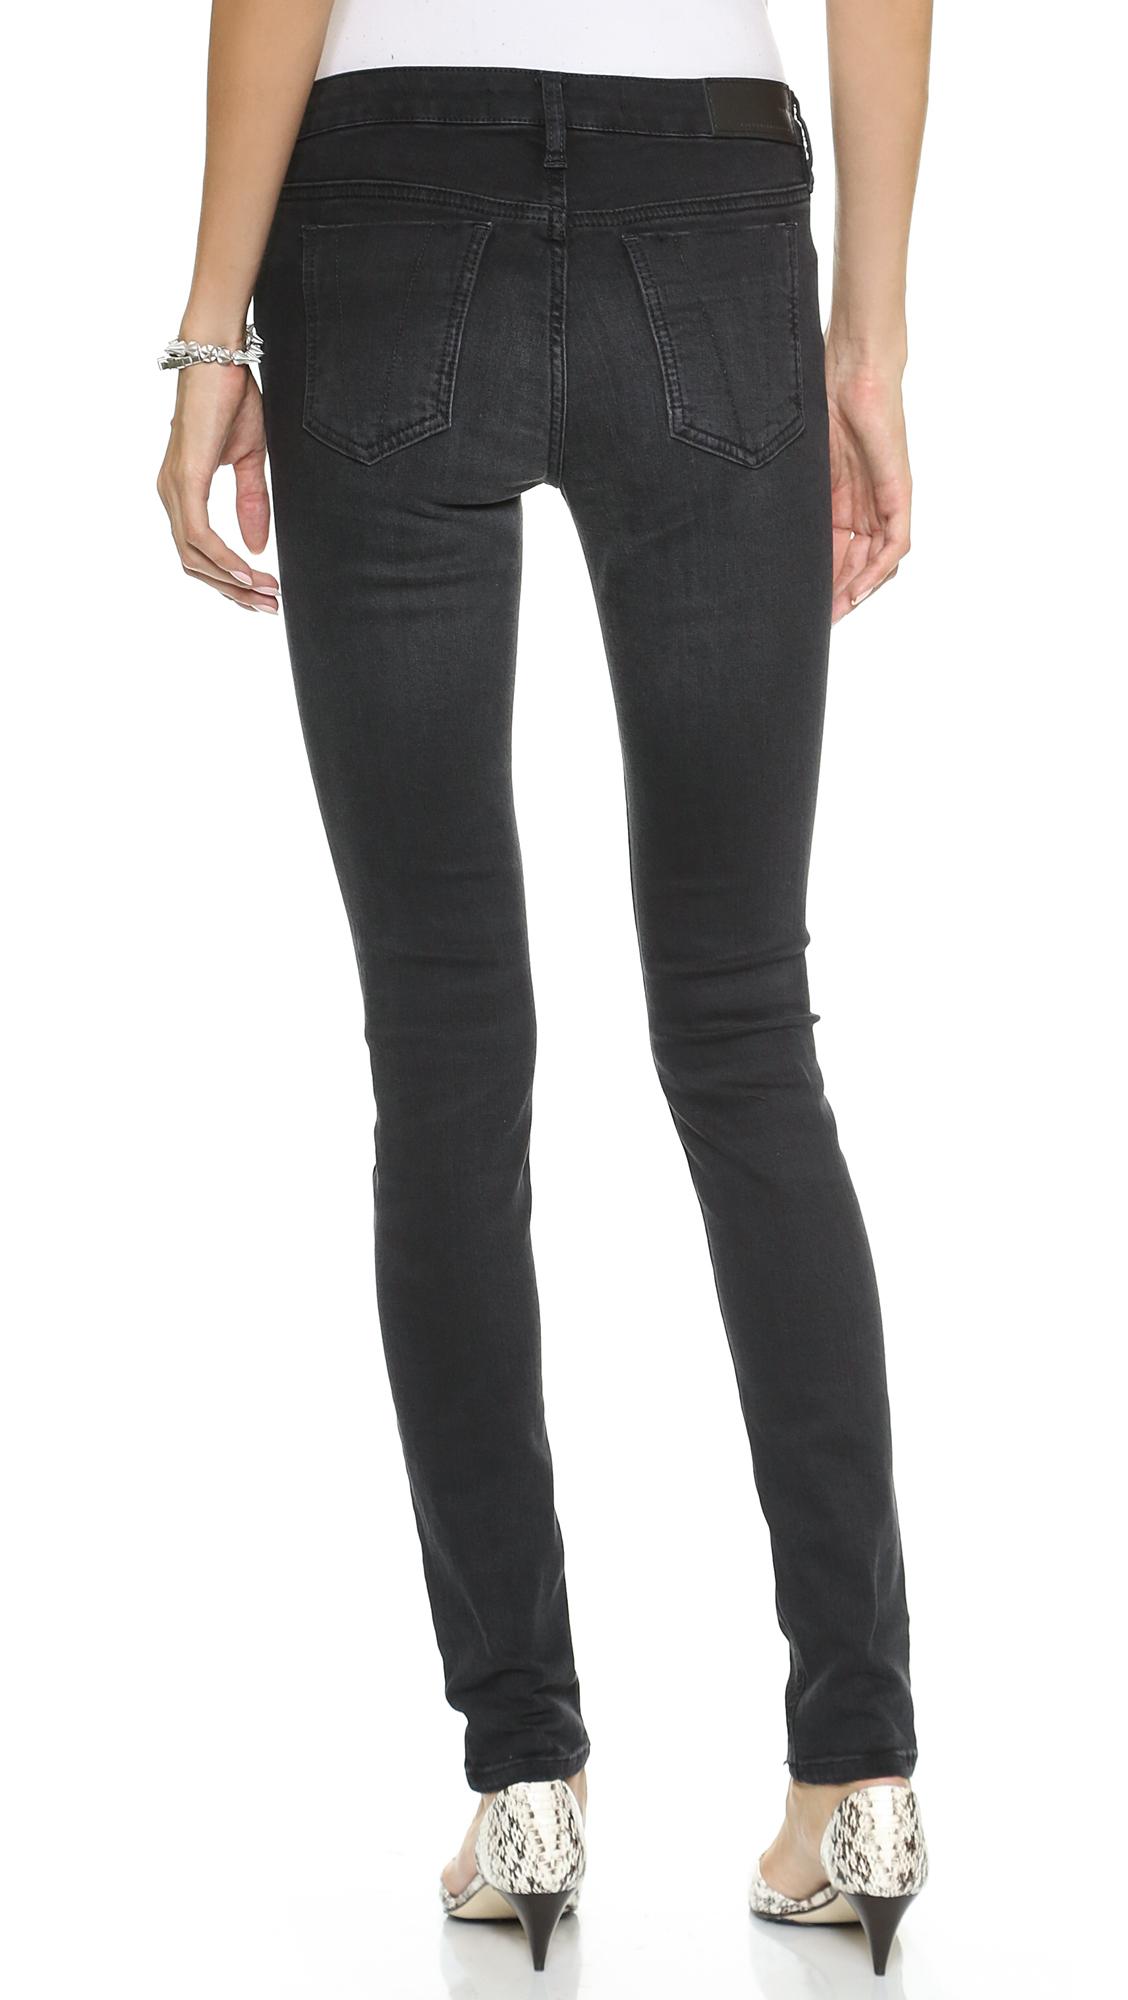 victoria beckham super skinny jeans washed black in black washed black lyst. Black Bedroom Furniture Sets. Home Design Ideas